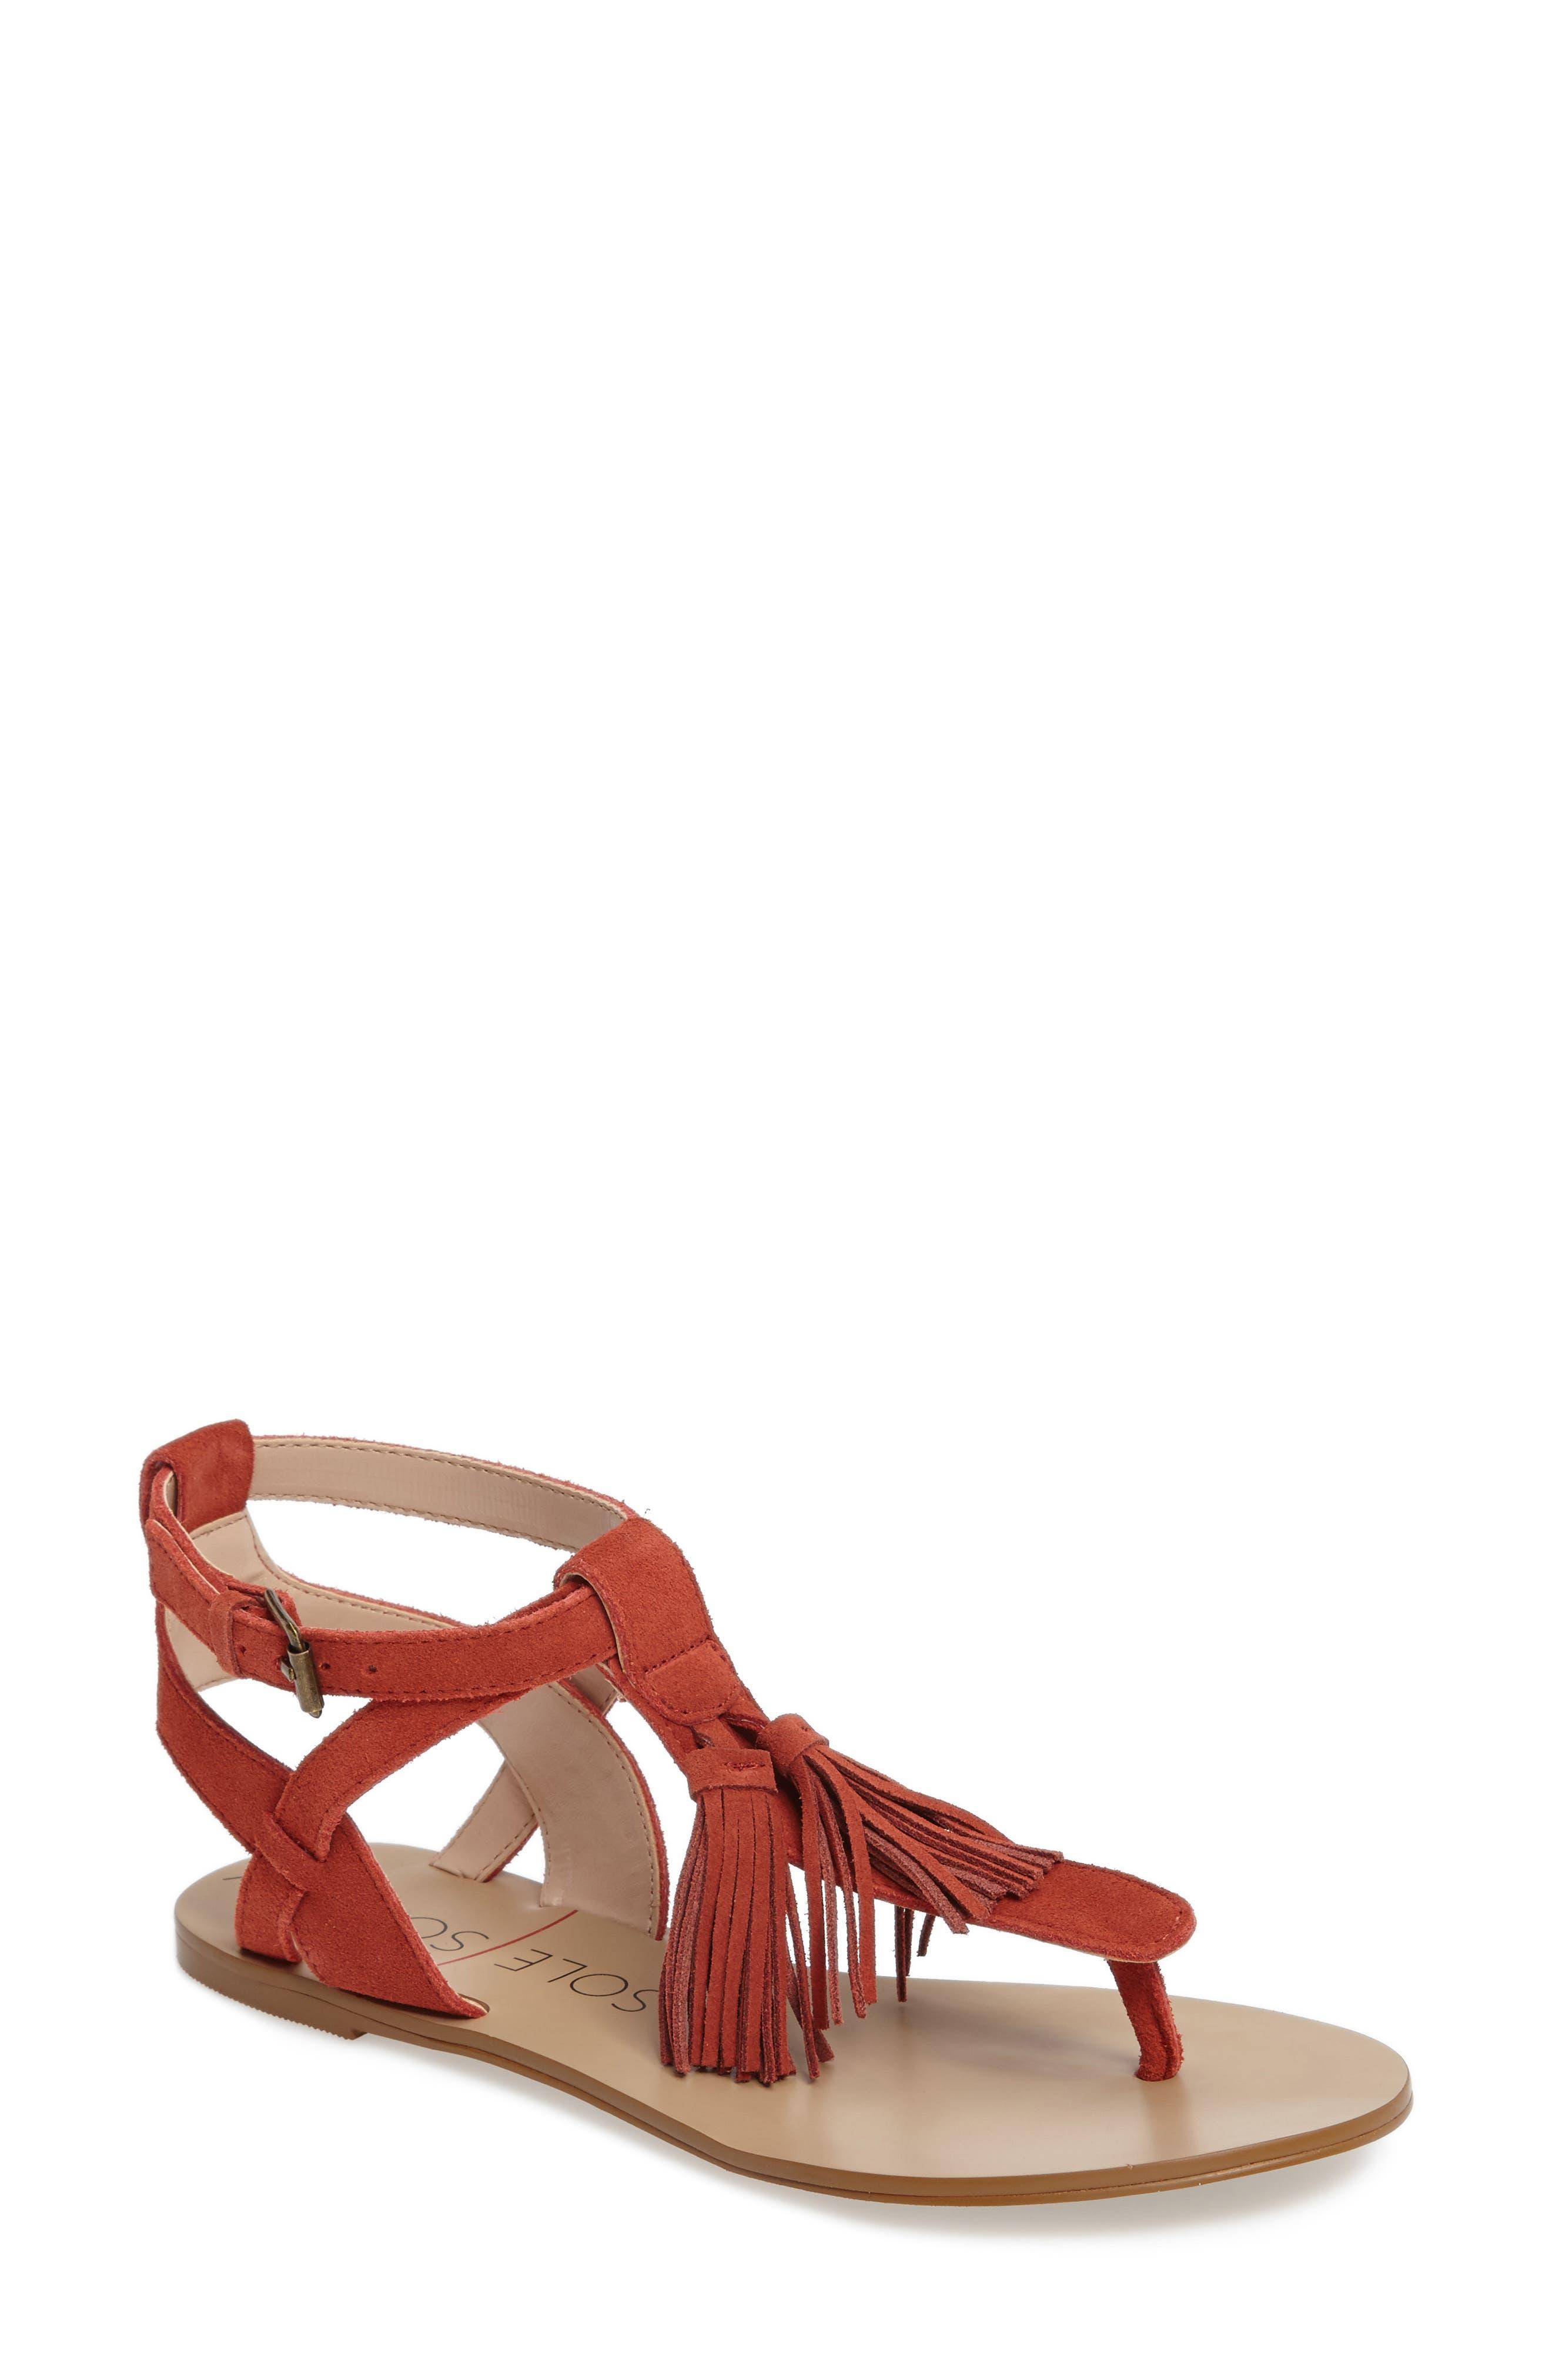 SOLE SOCIETY Pandora Fringe Sandal